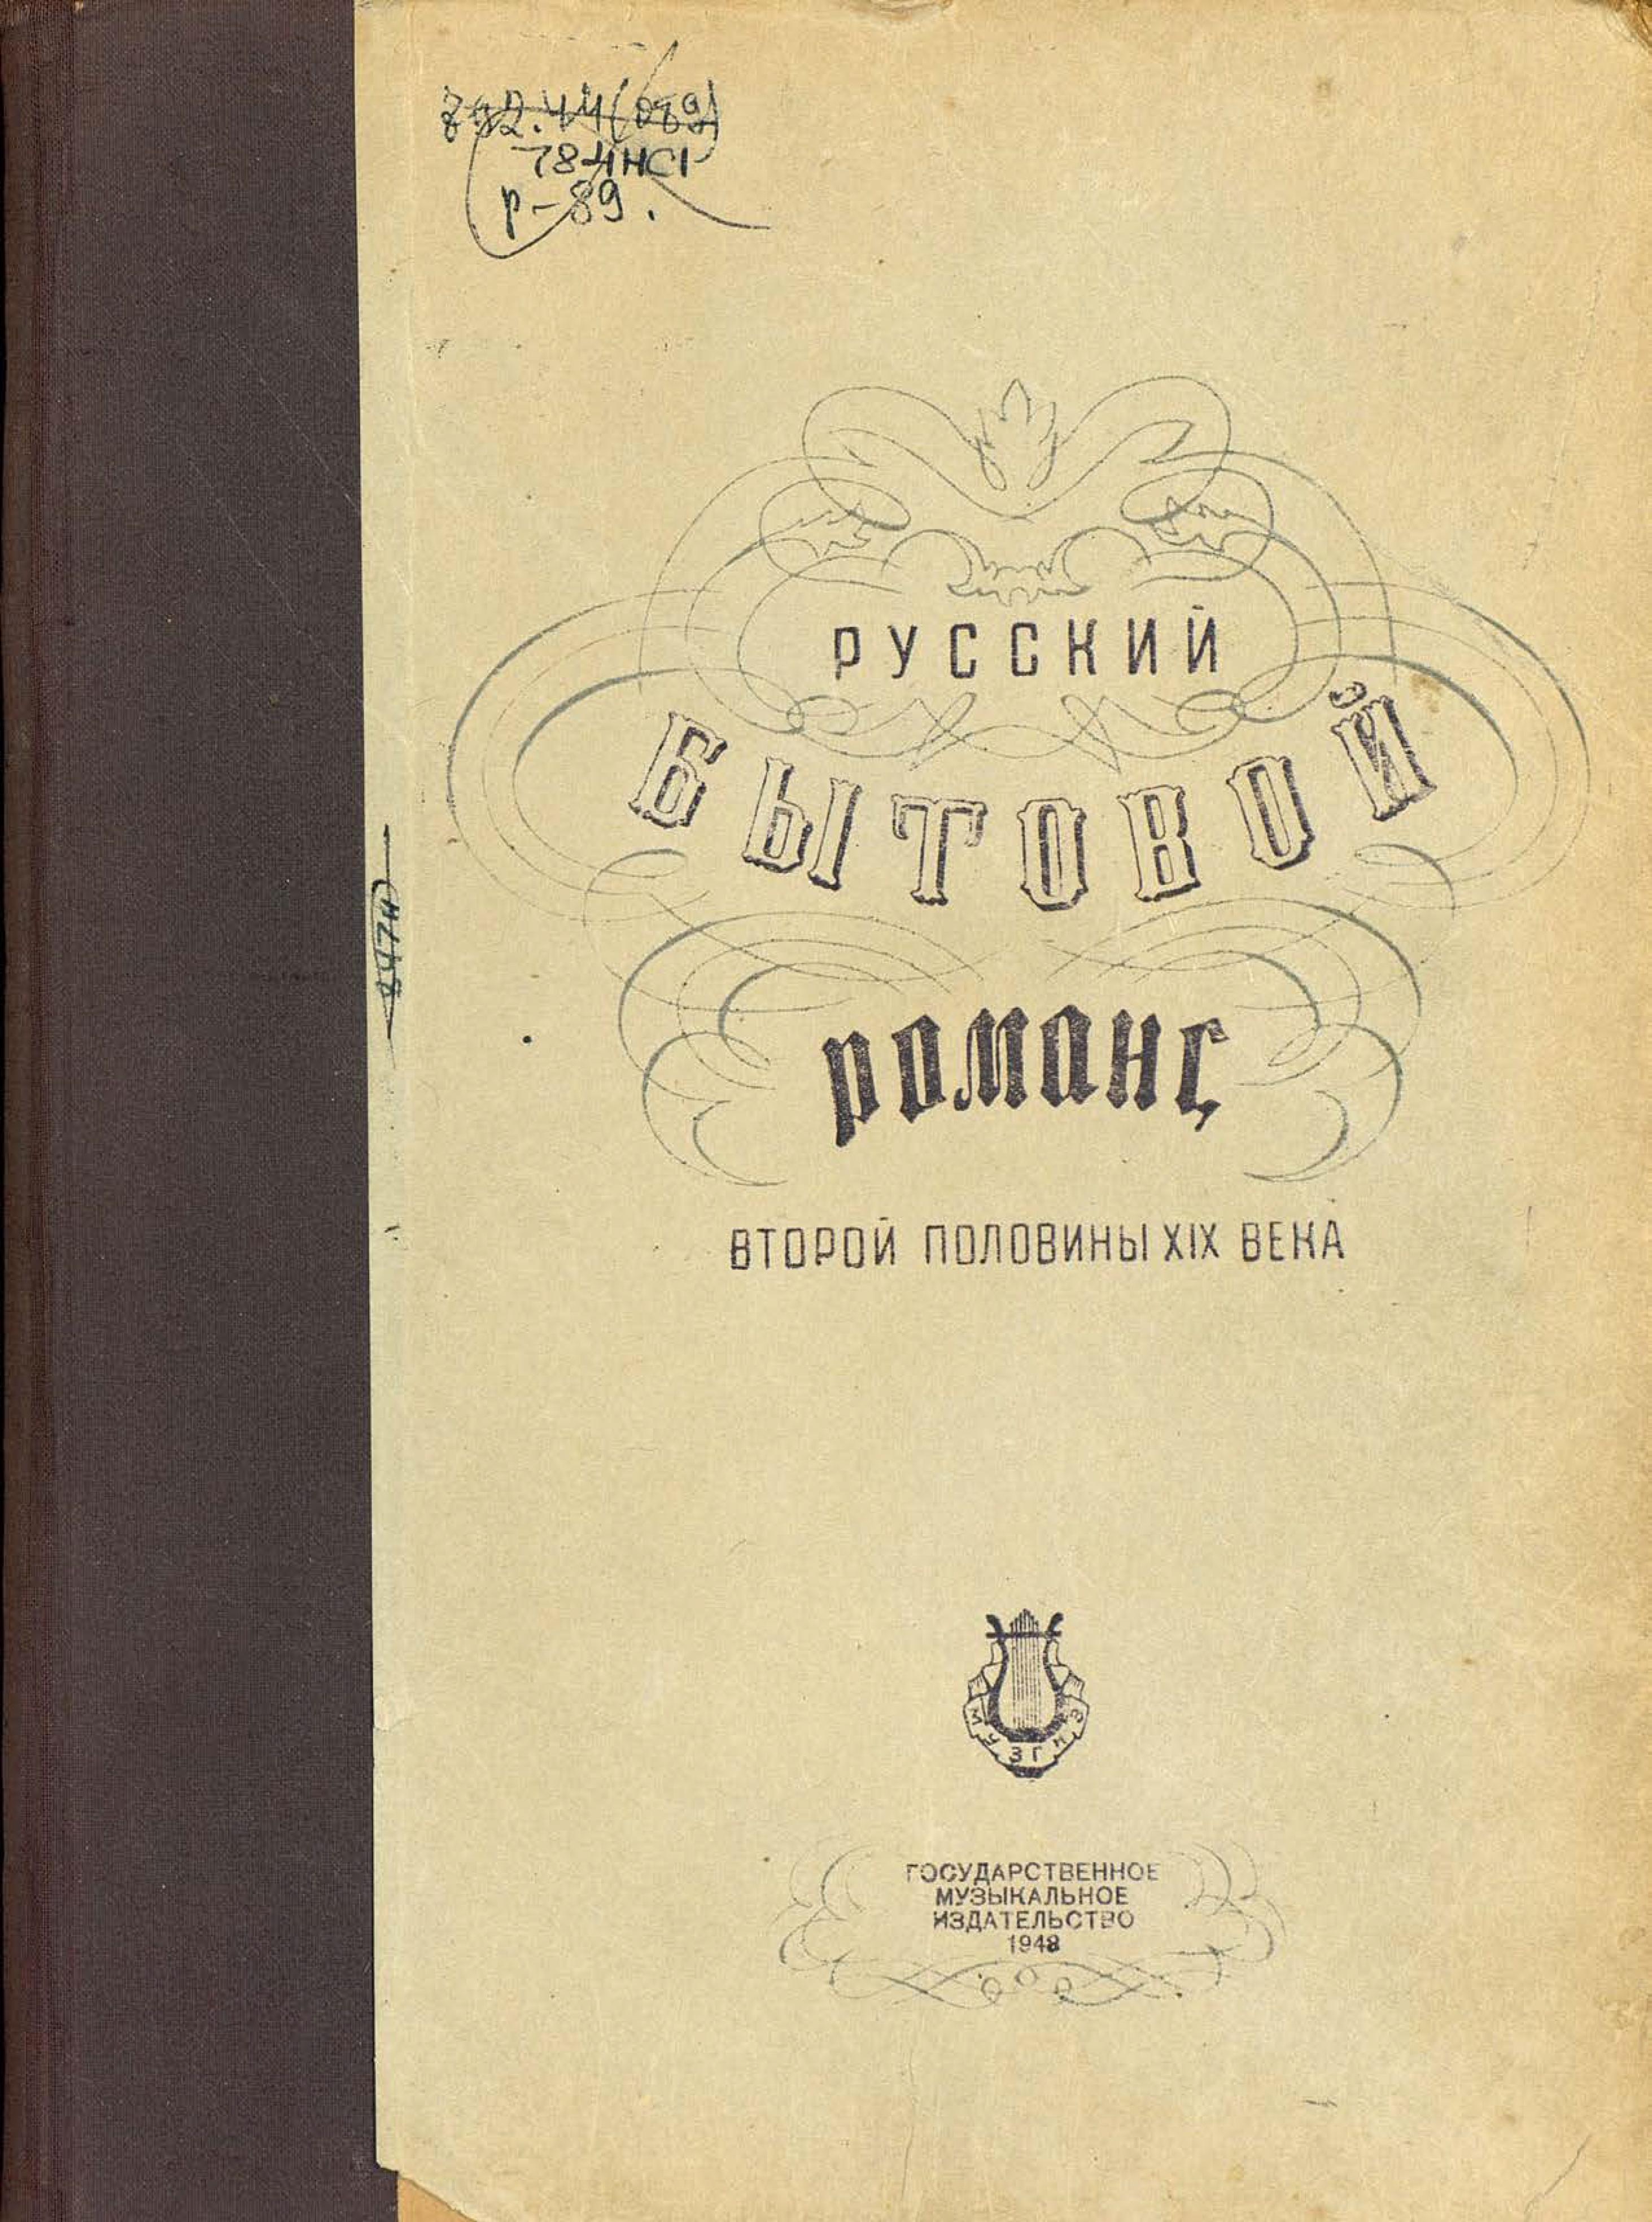 цены на Народное творчество Русский бытовой романс второй половины XIX века в интернет-магазинах